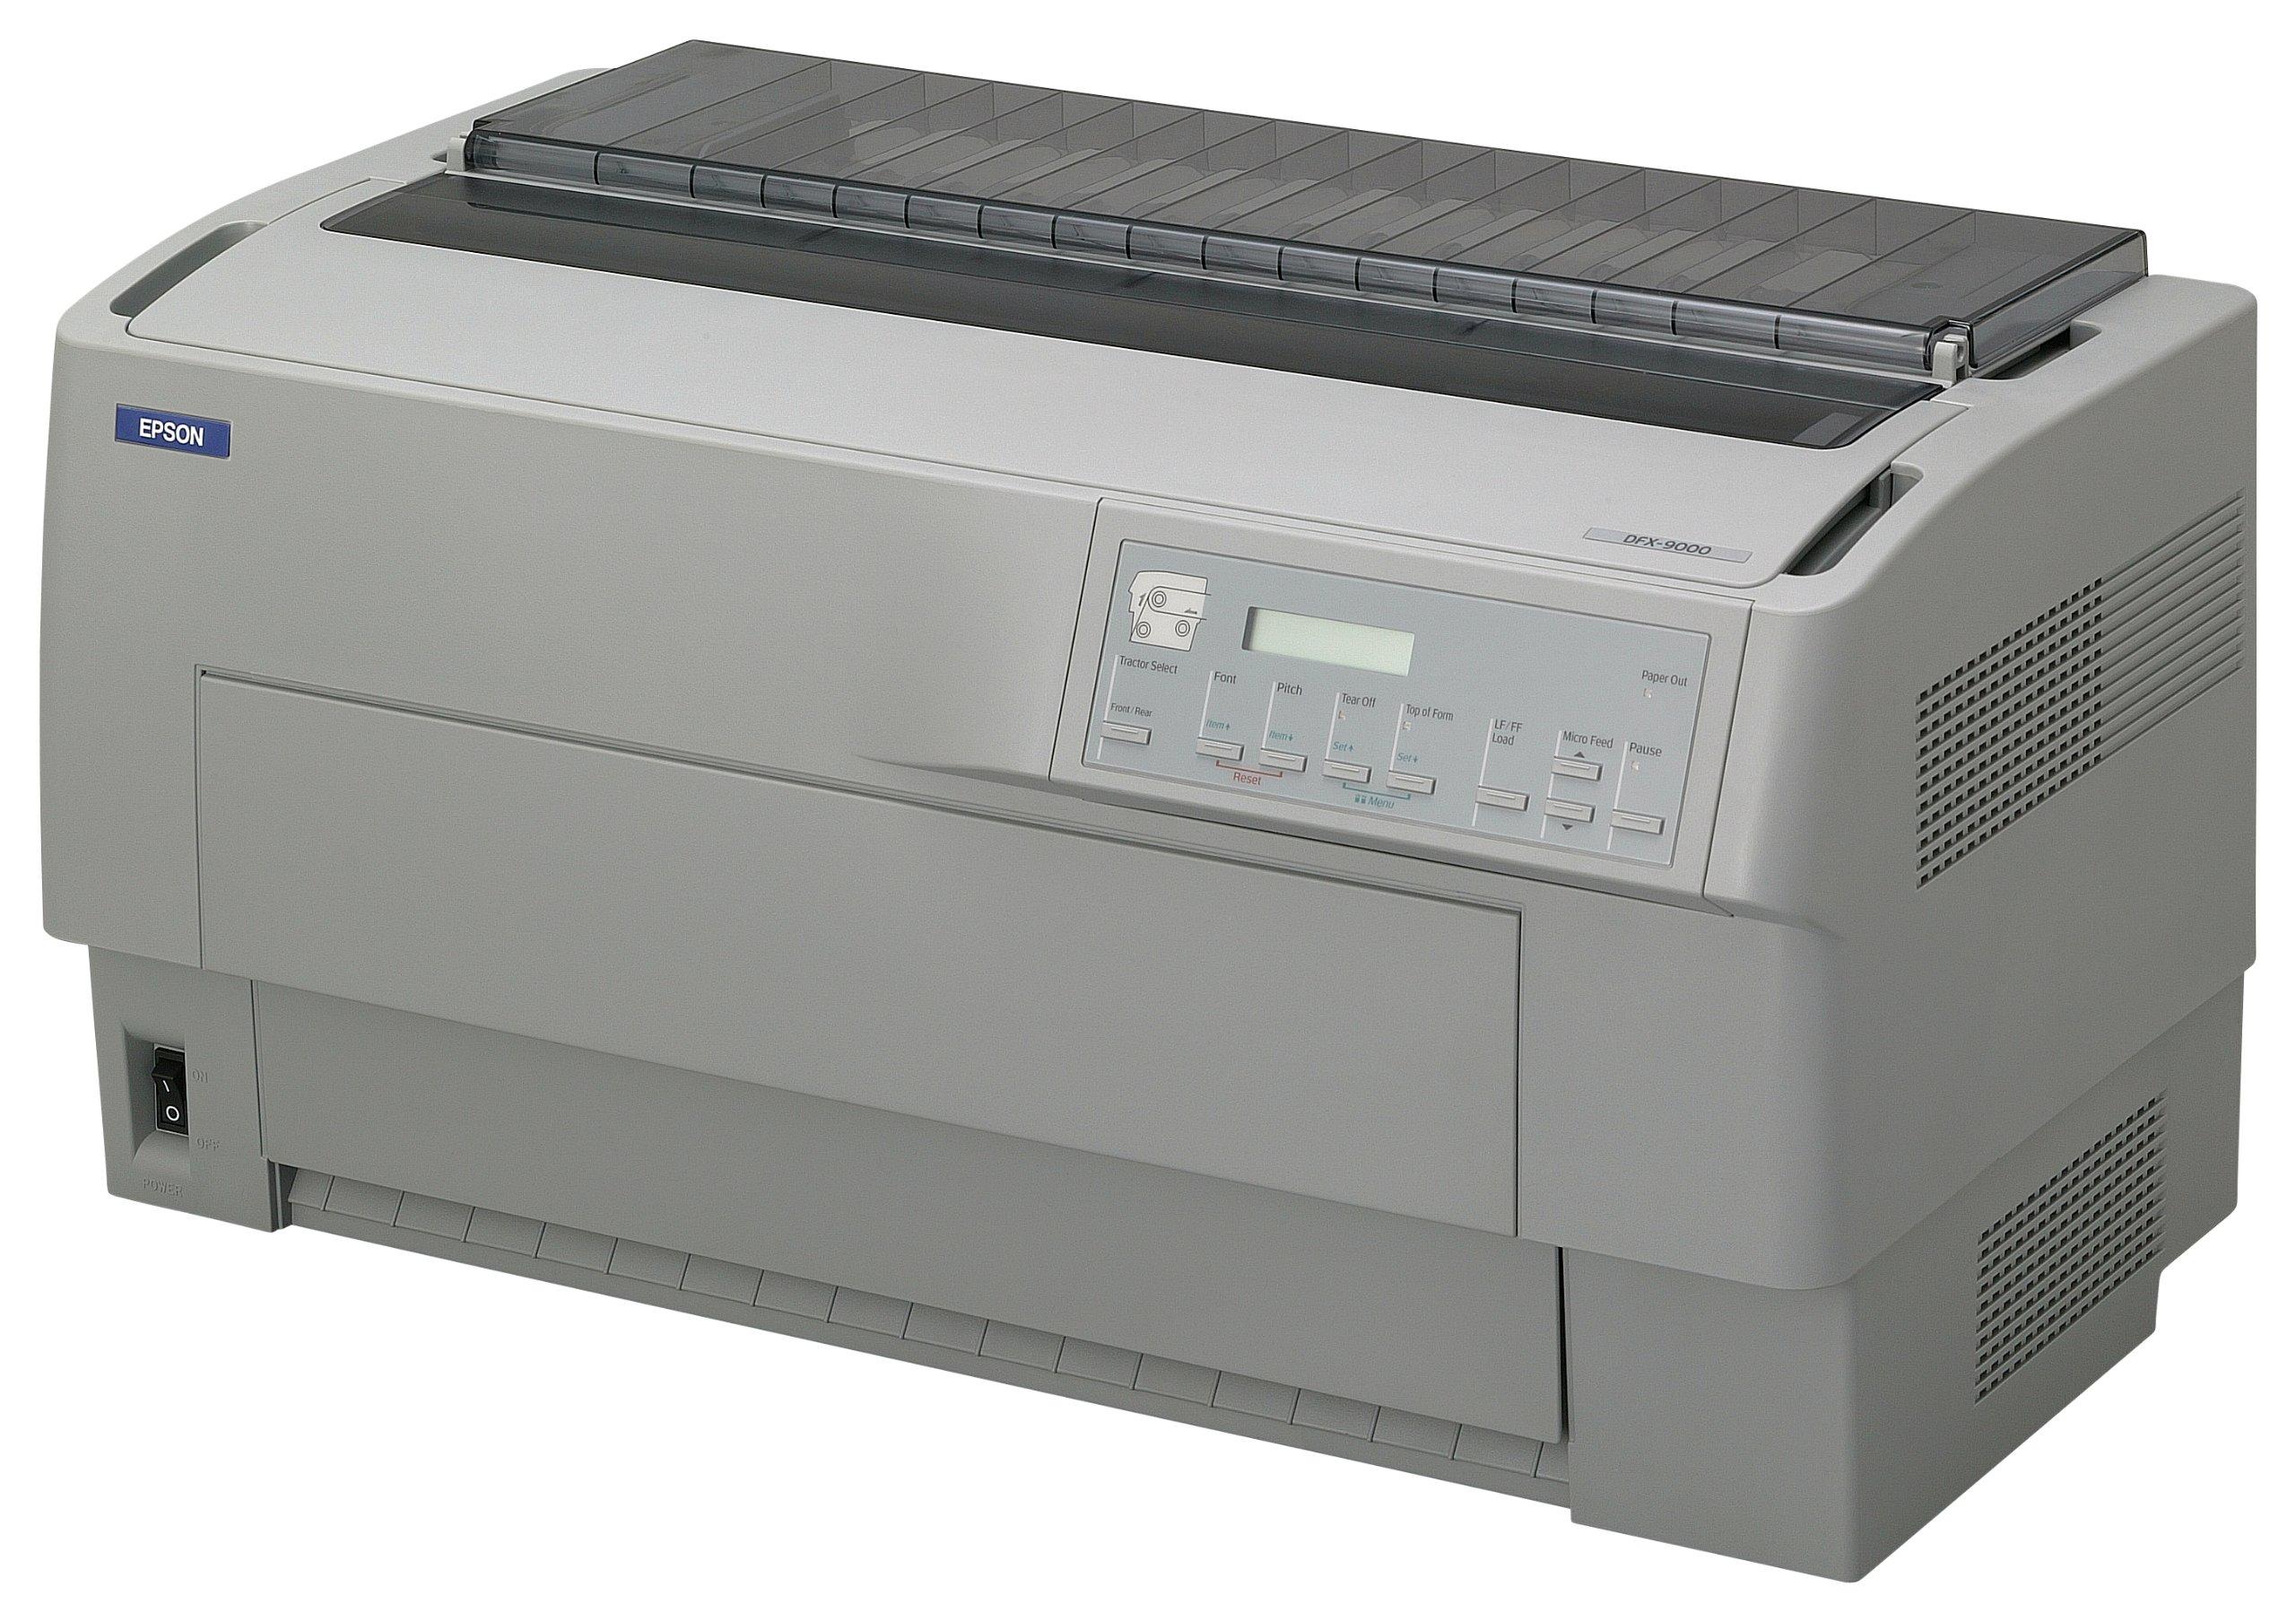 Epson C11C605001 DFX-9000 Wide Format Impact Printer